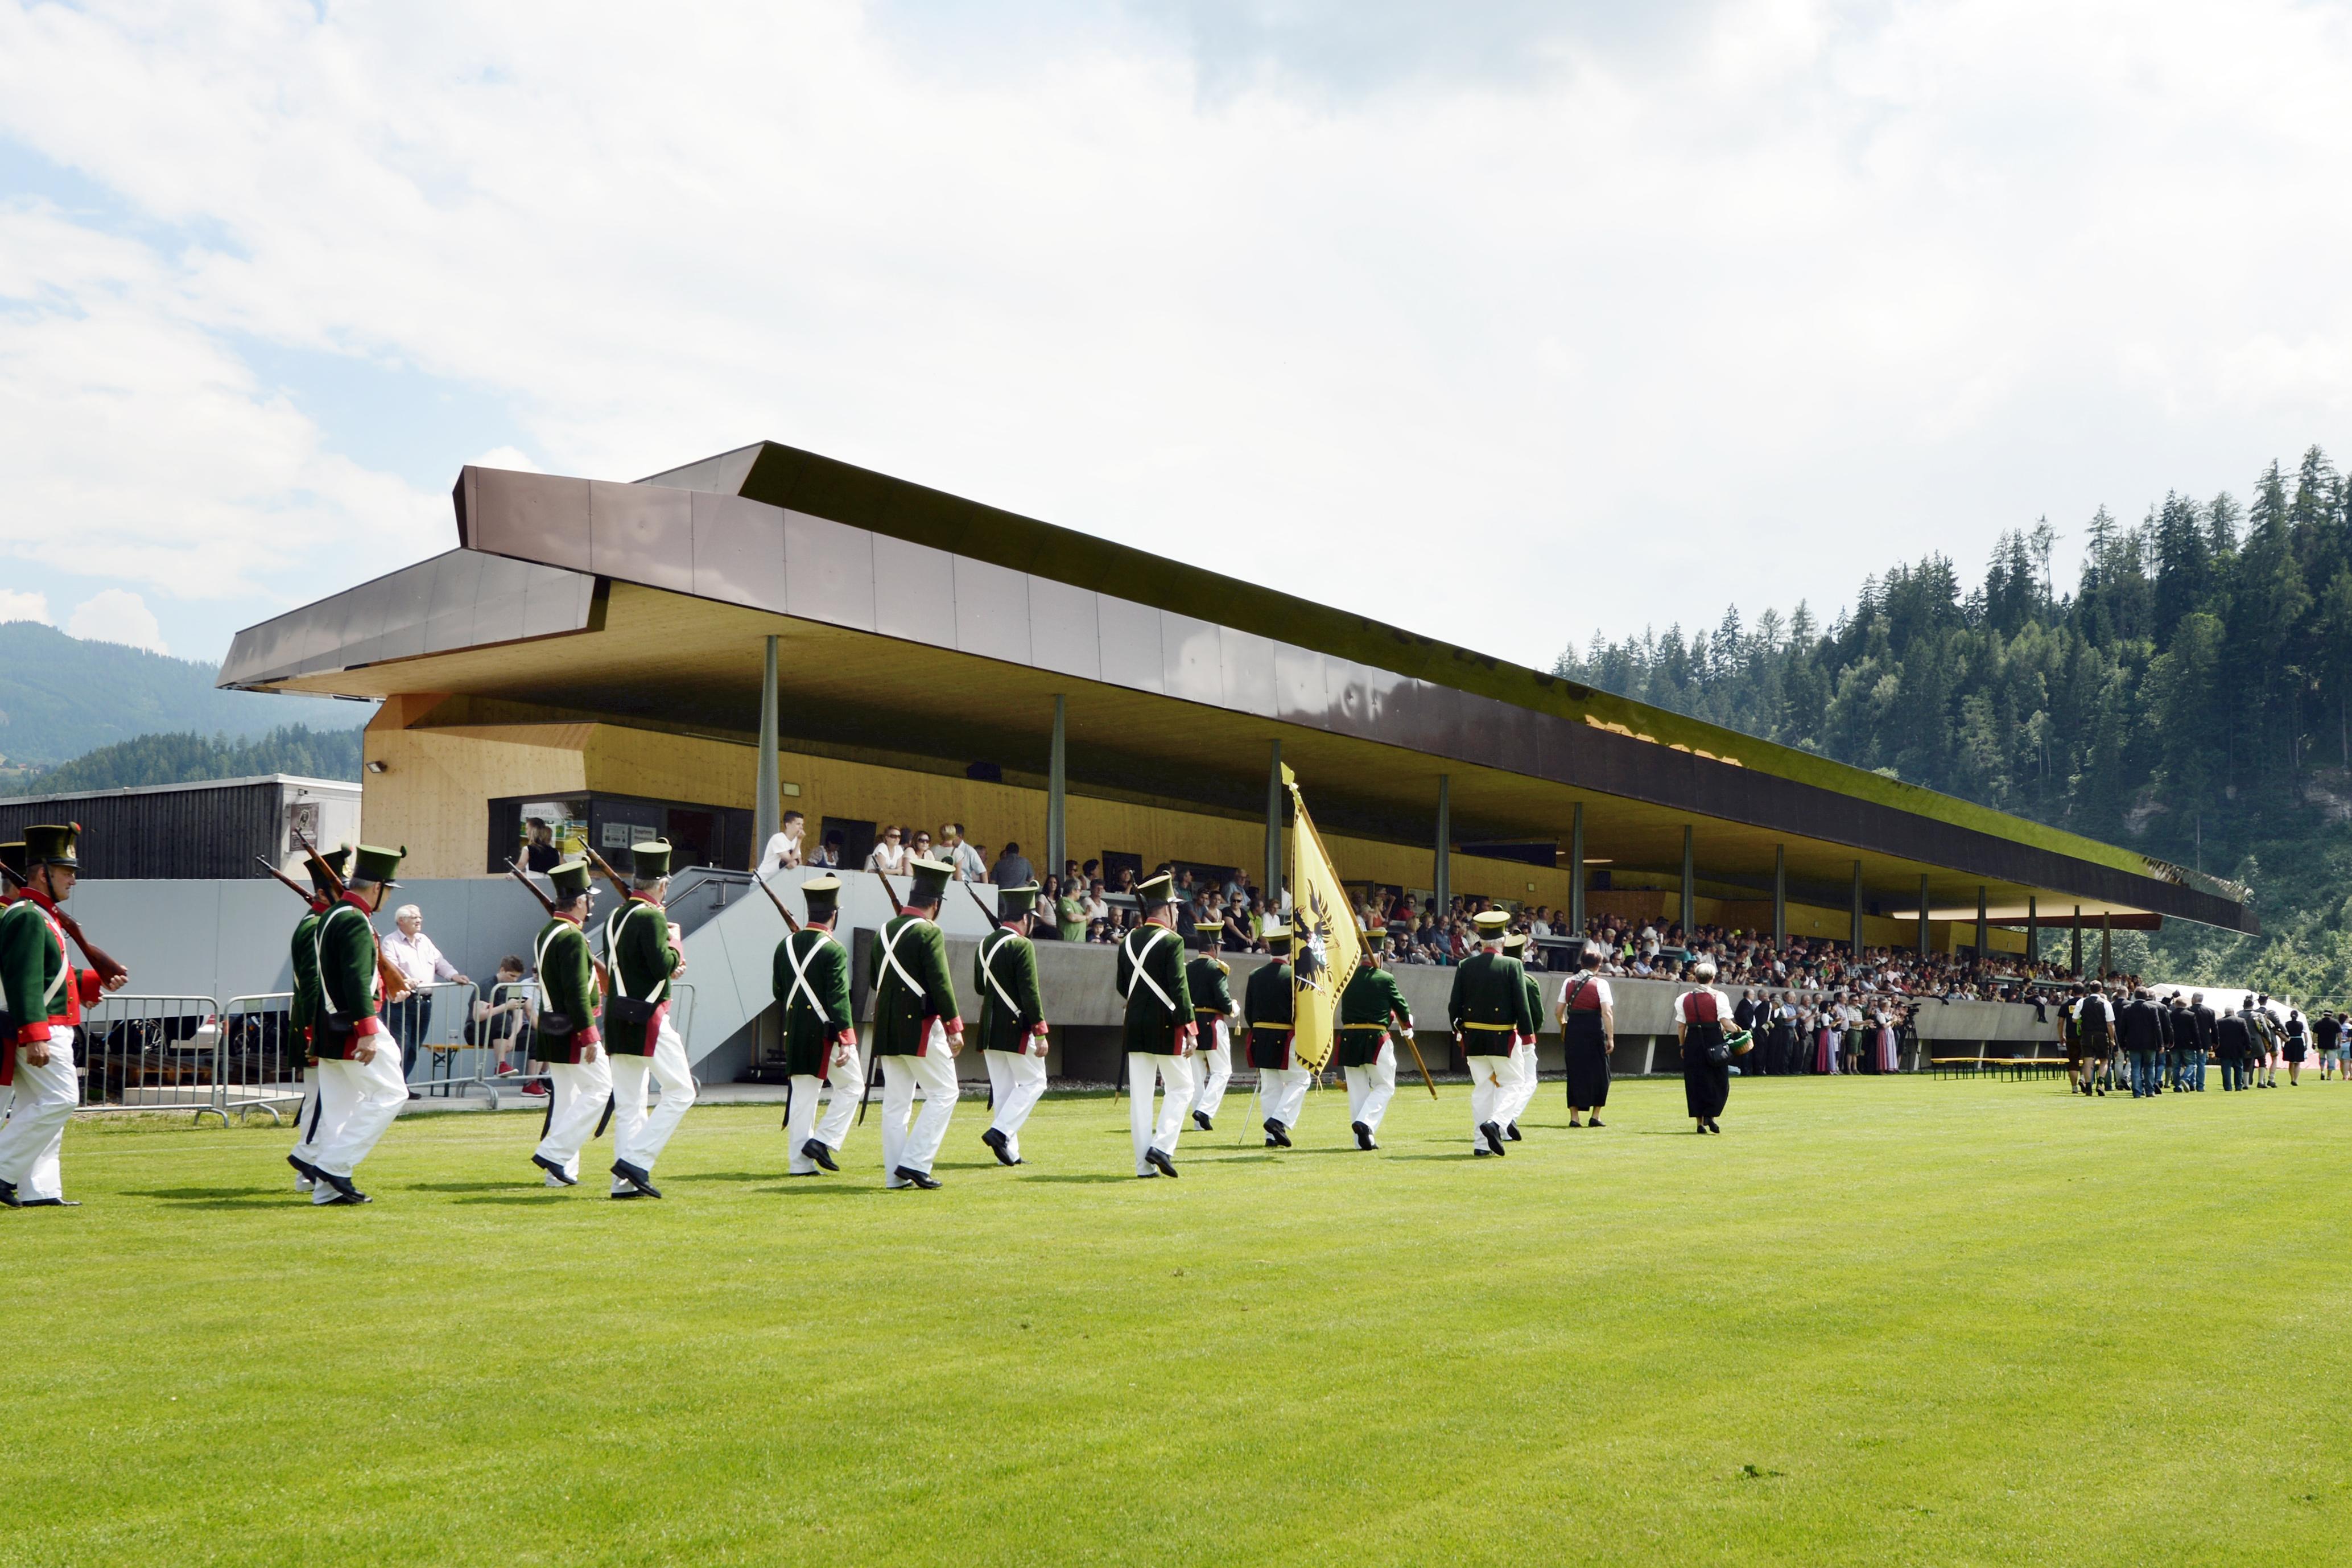 Stadion Murau - Feierliche Eröffnung der Sportanlage des SVU Murau ...